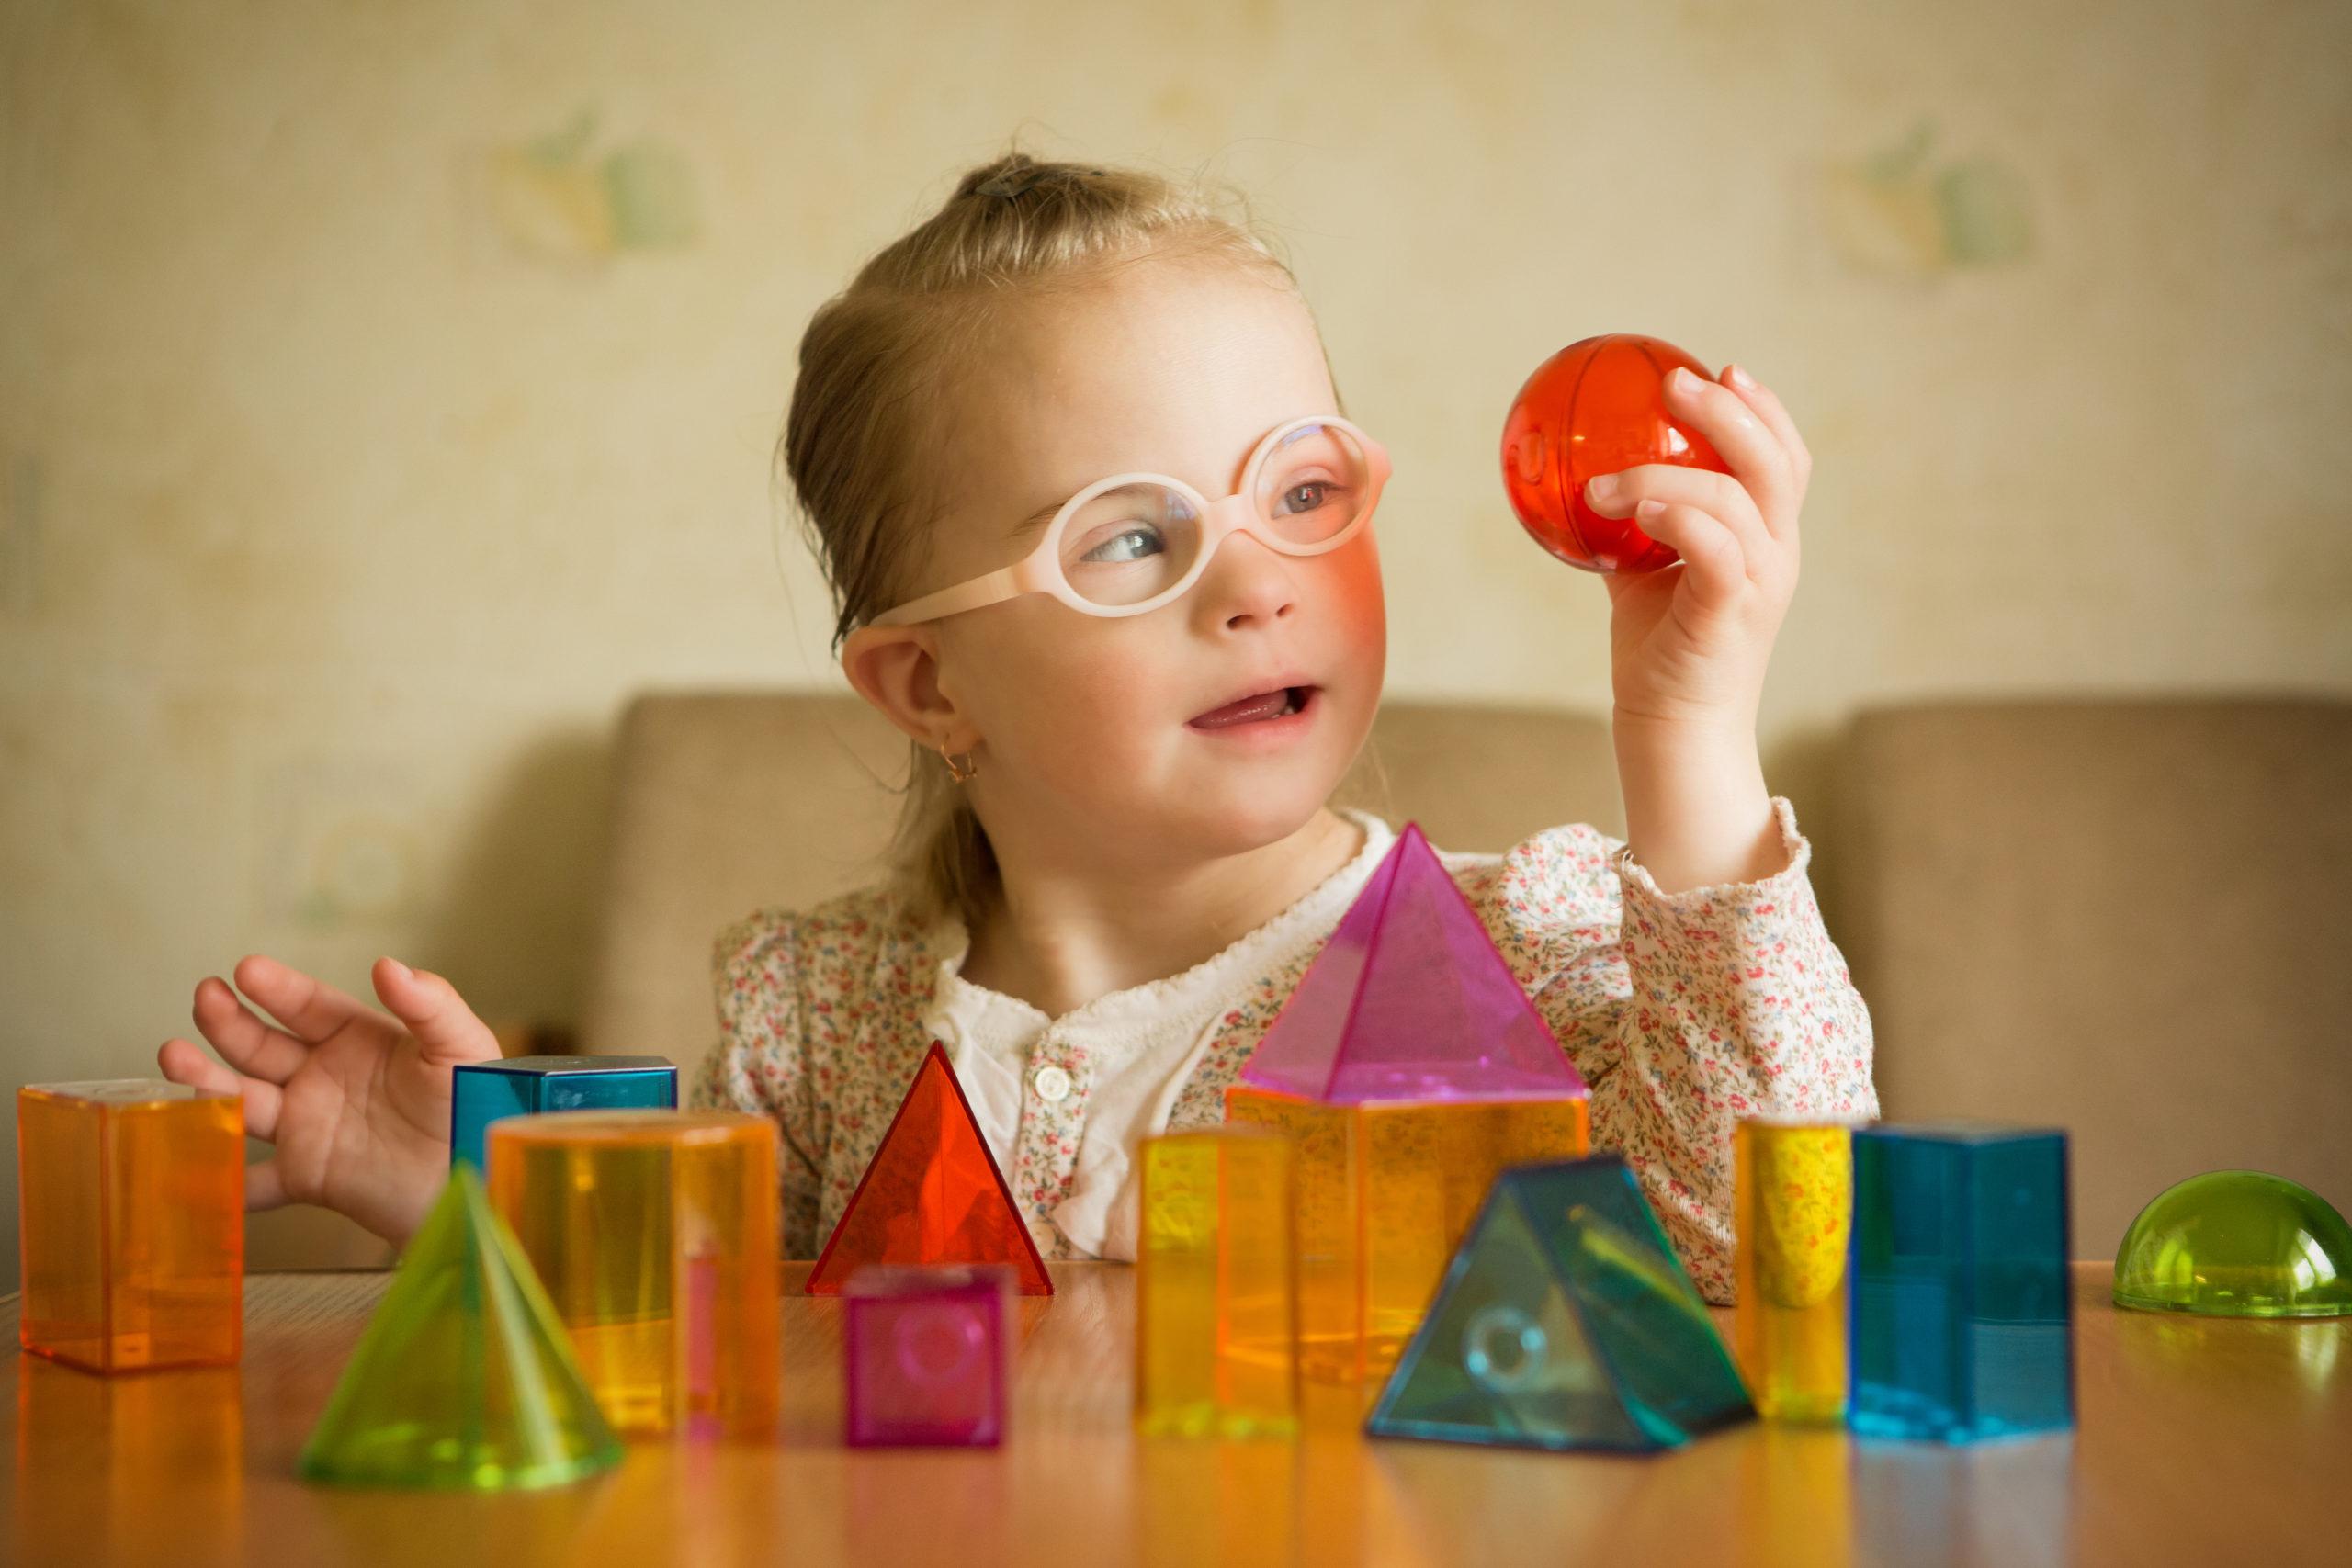 Nena con síndrome de Down tocando e observando materiais con formas xeométricas para traballar a estimulación óculo manual